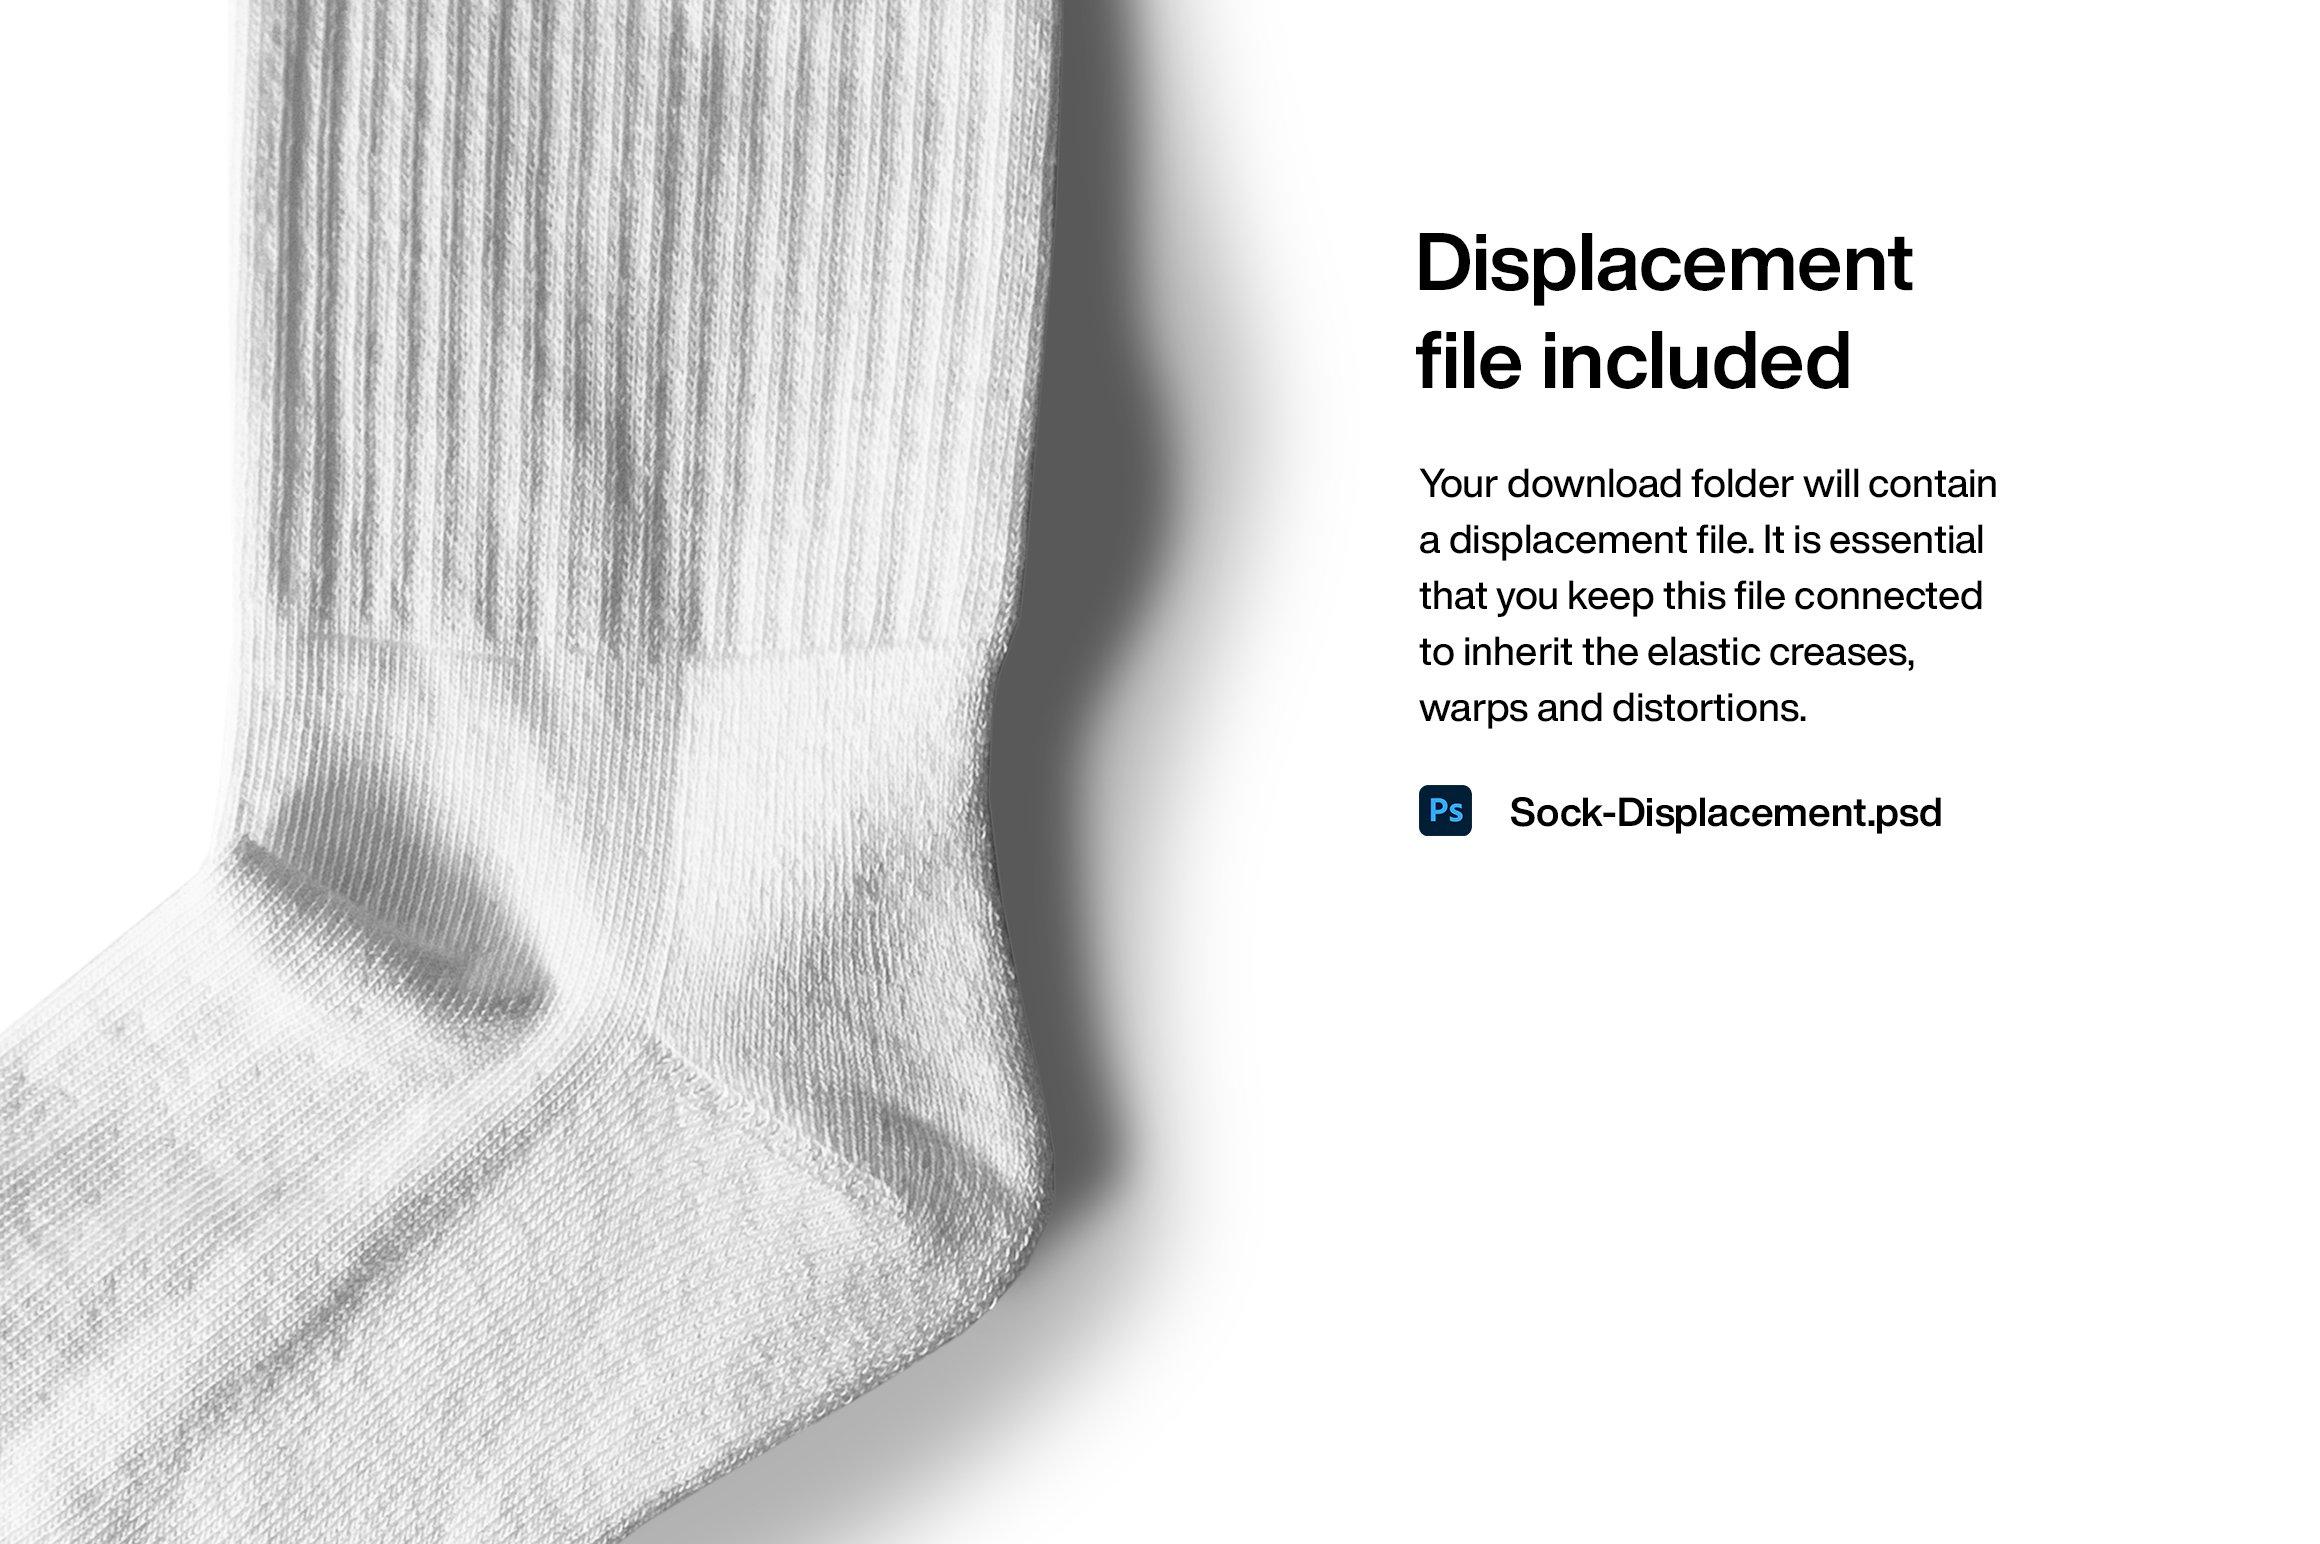 简约运动长筒袜子印花图案设计展示贴图样机 Sports Socks Mockup插图(6)